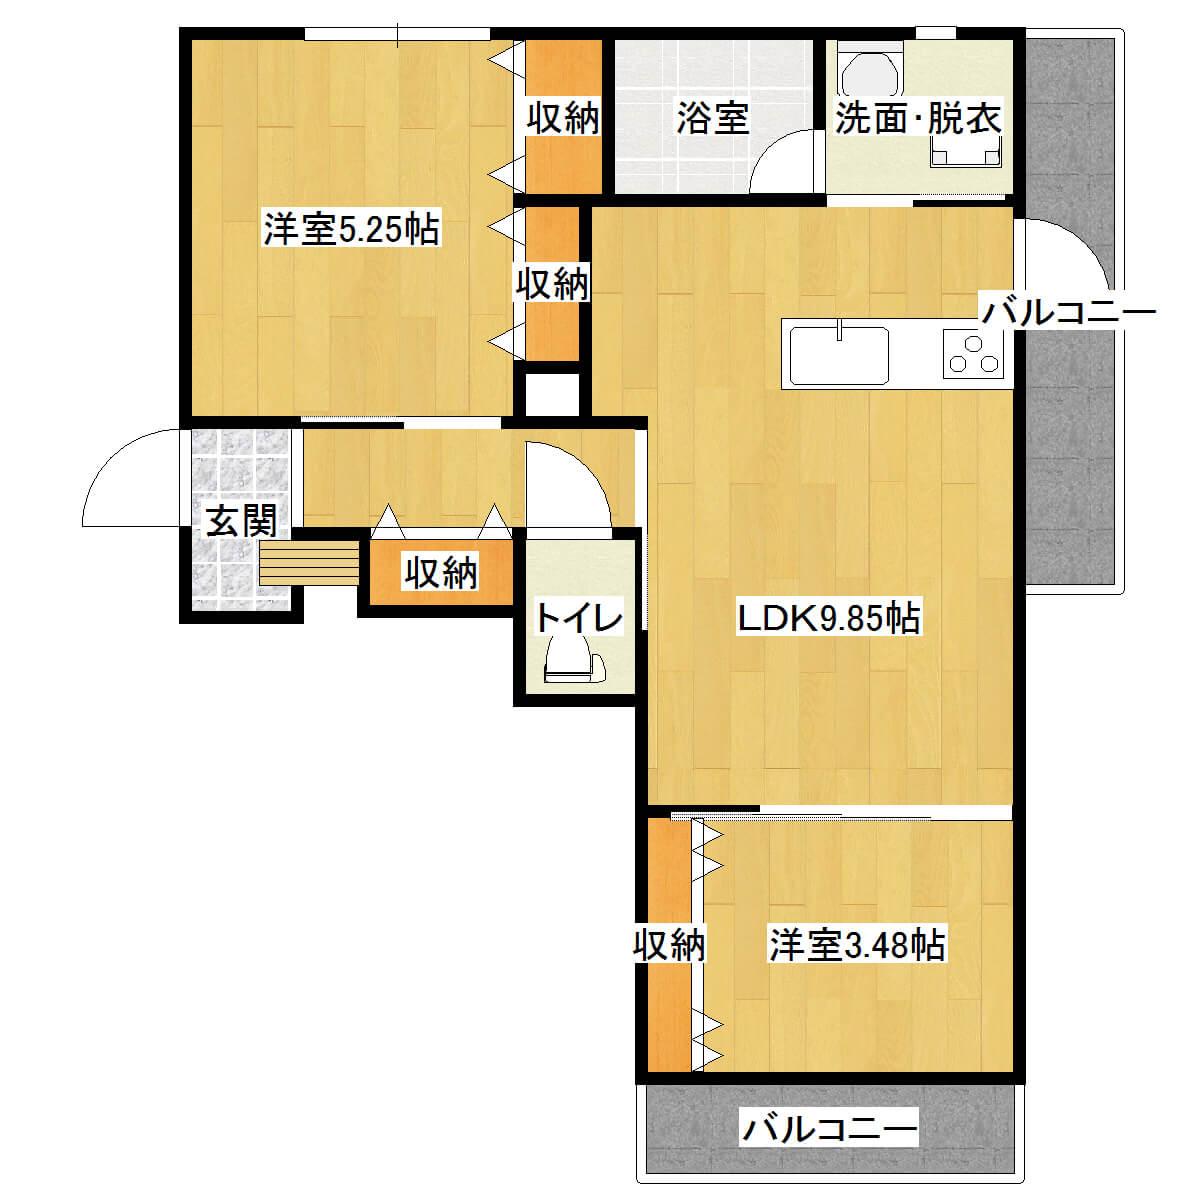 メゾン常盤 101号室の間取り図